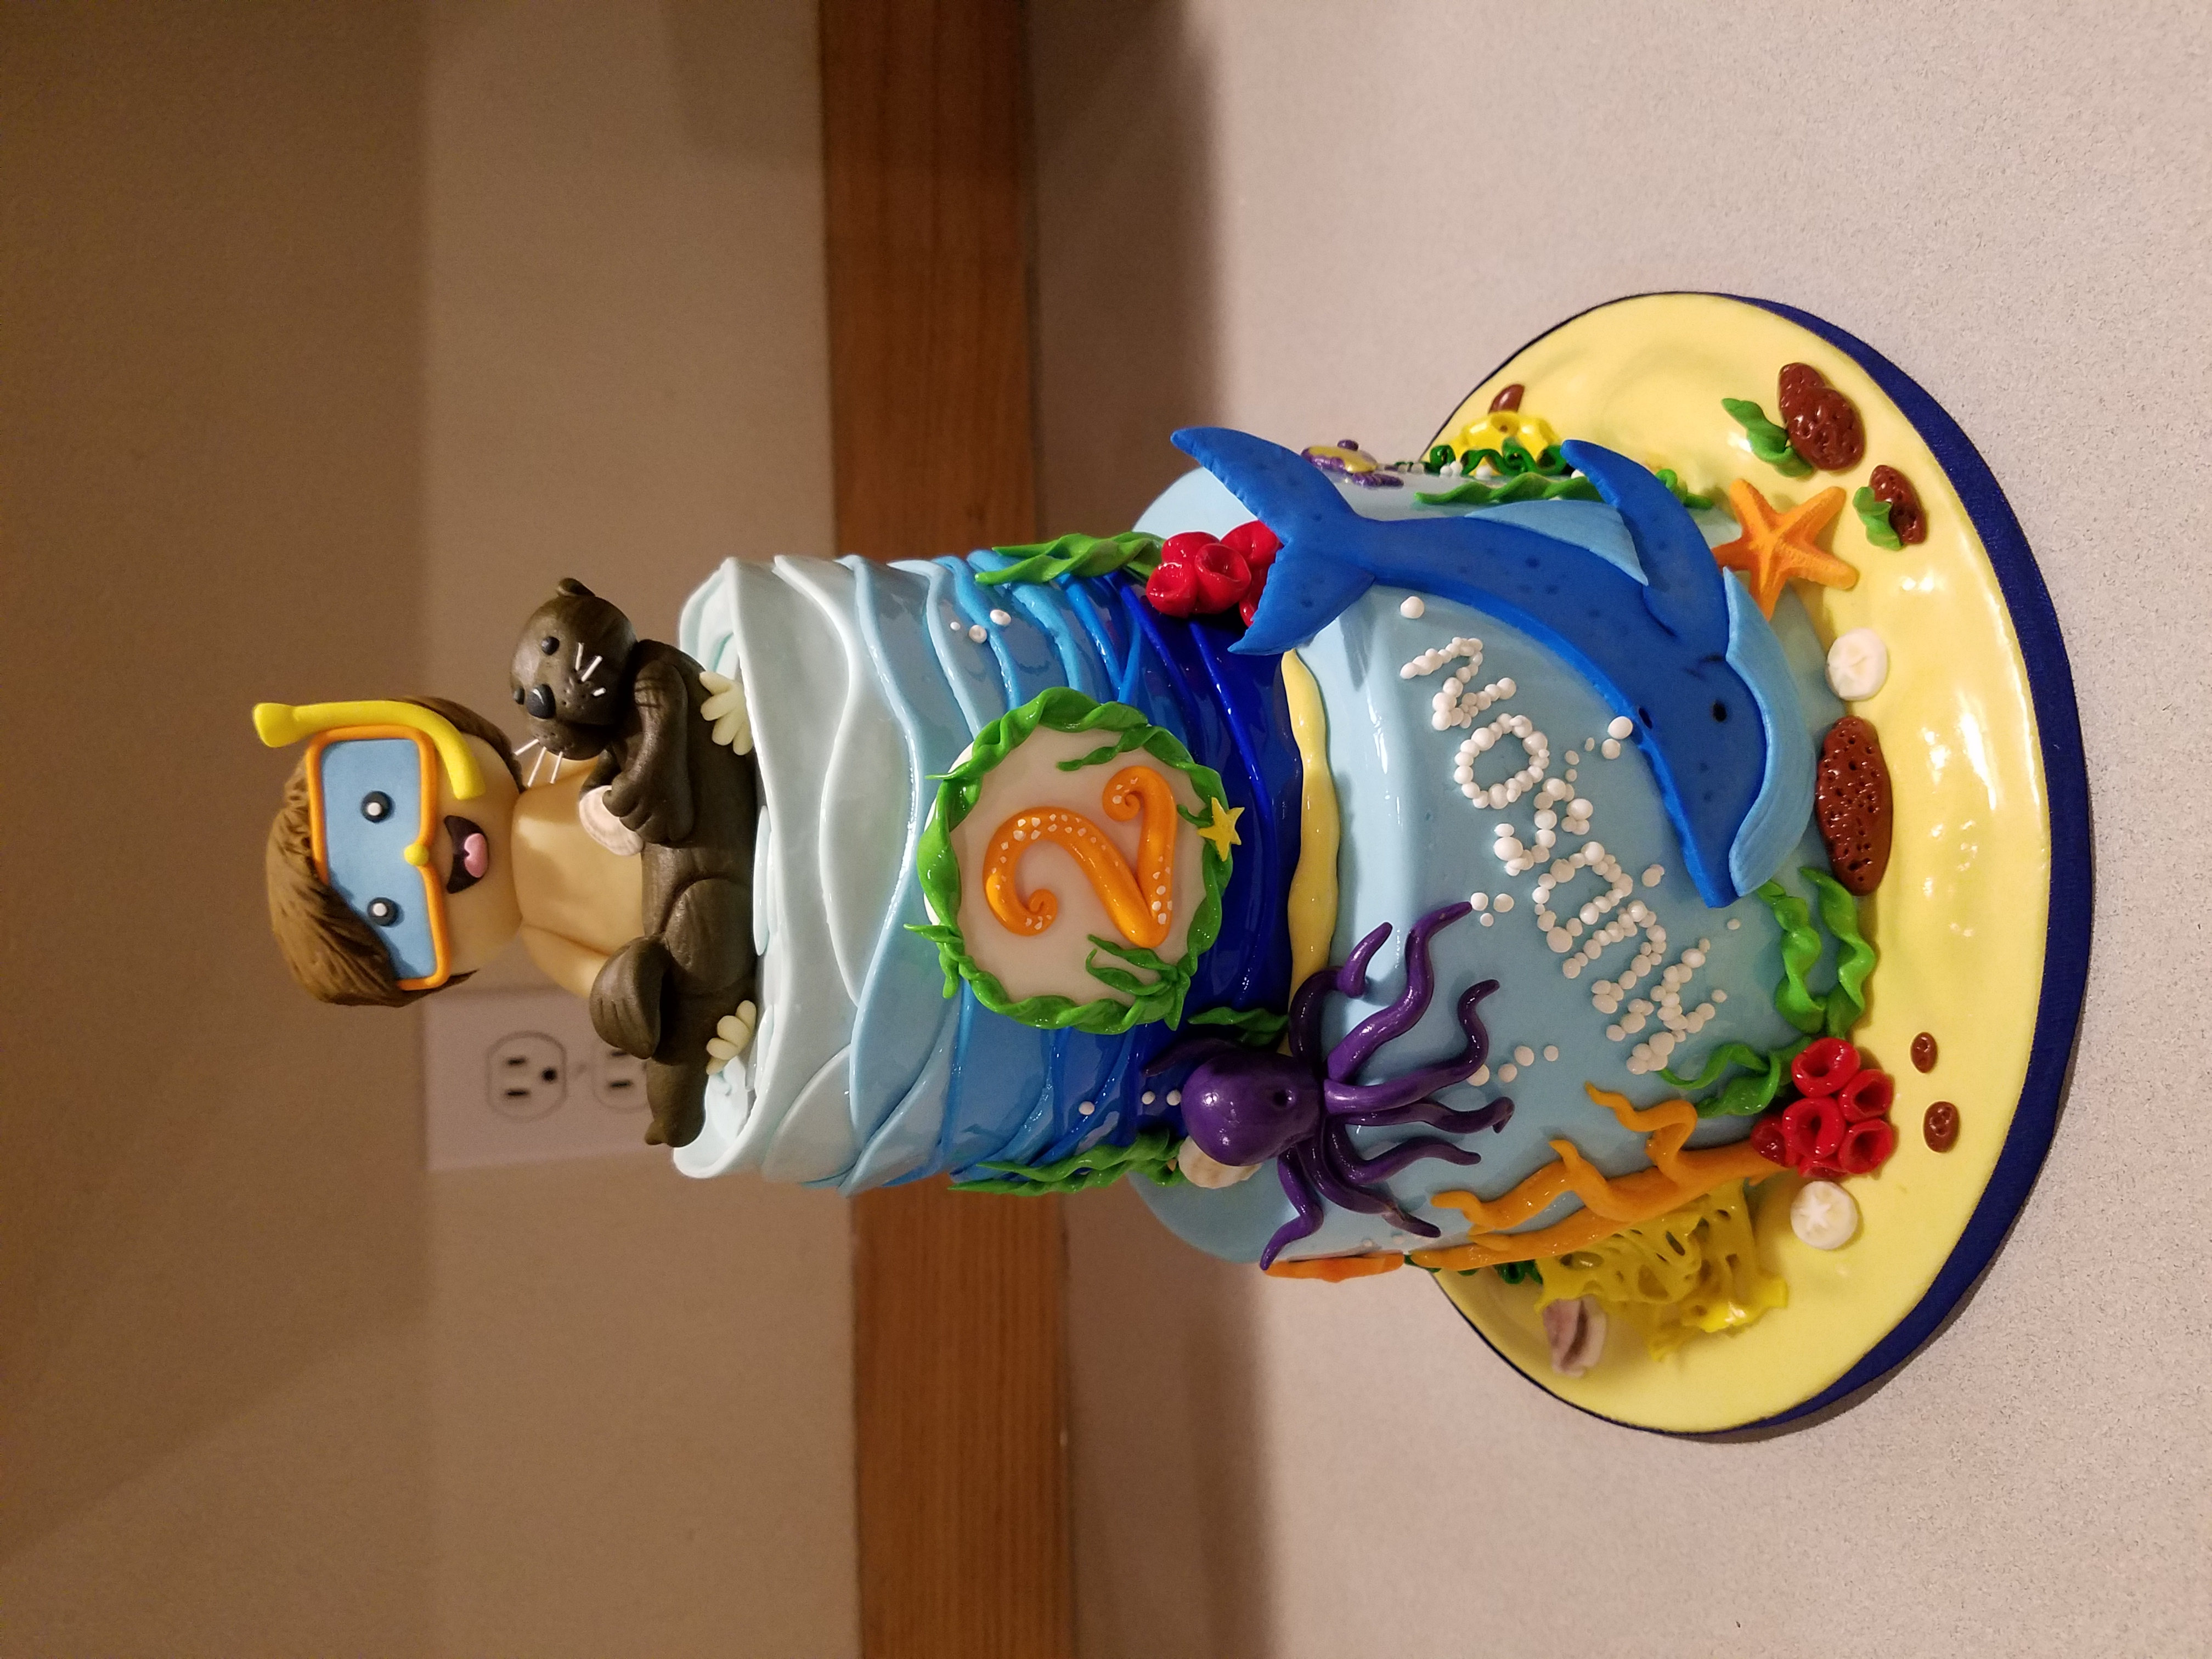 Ocean inspired boy's cake